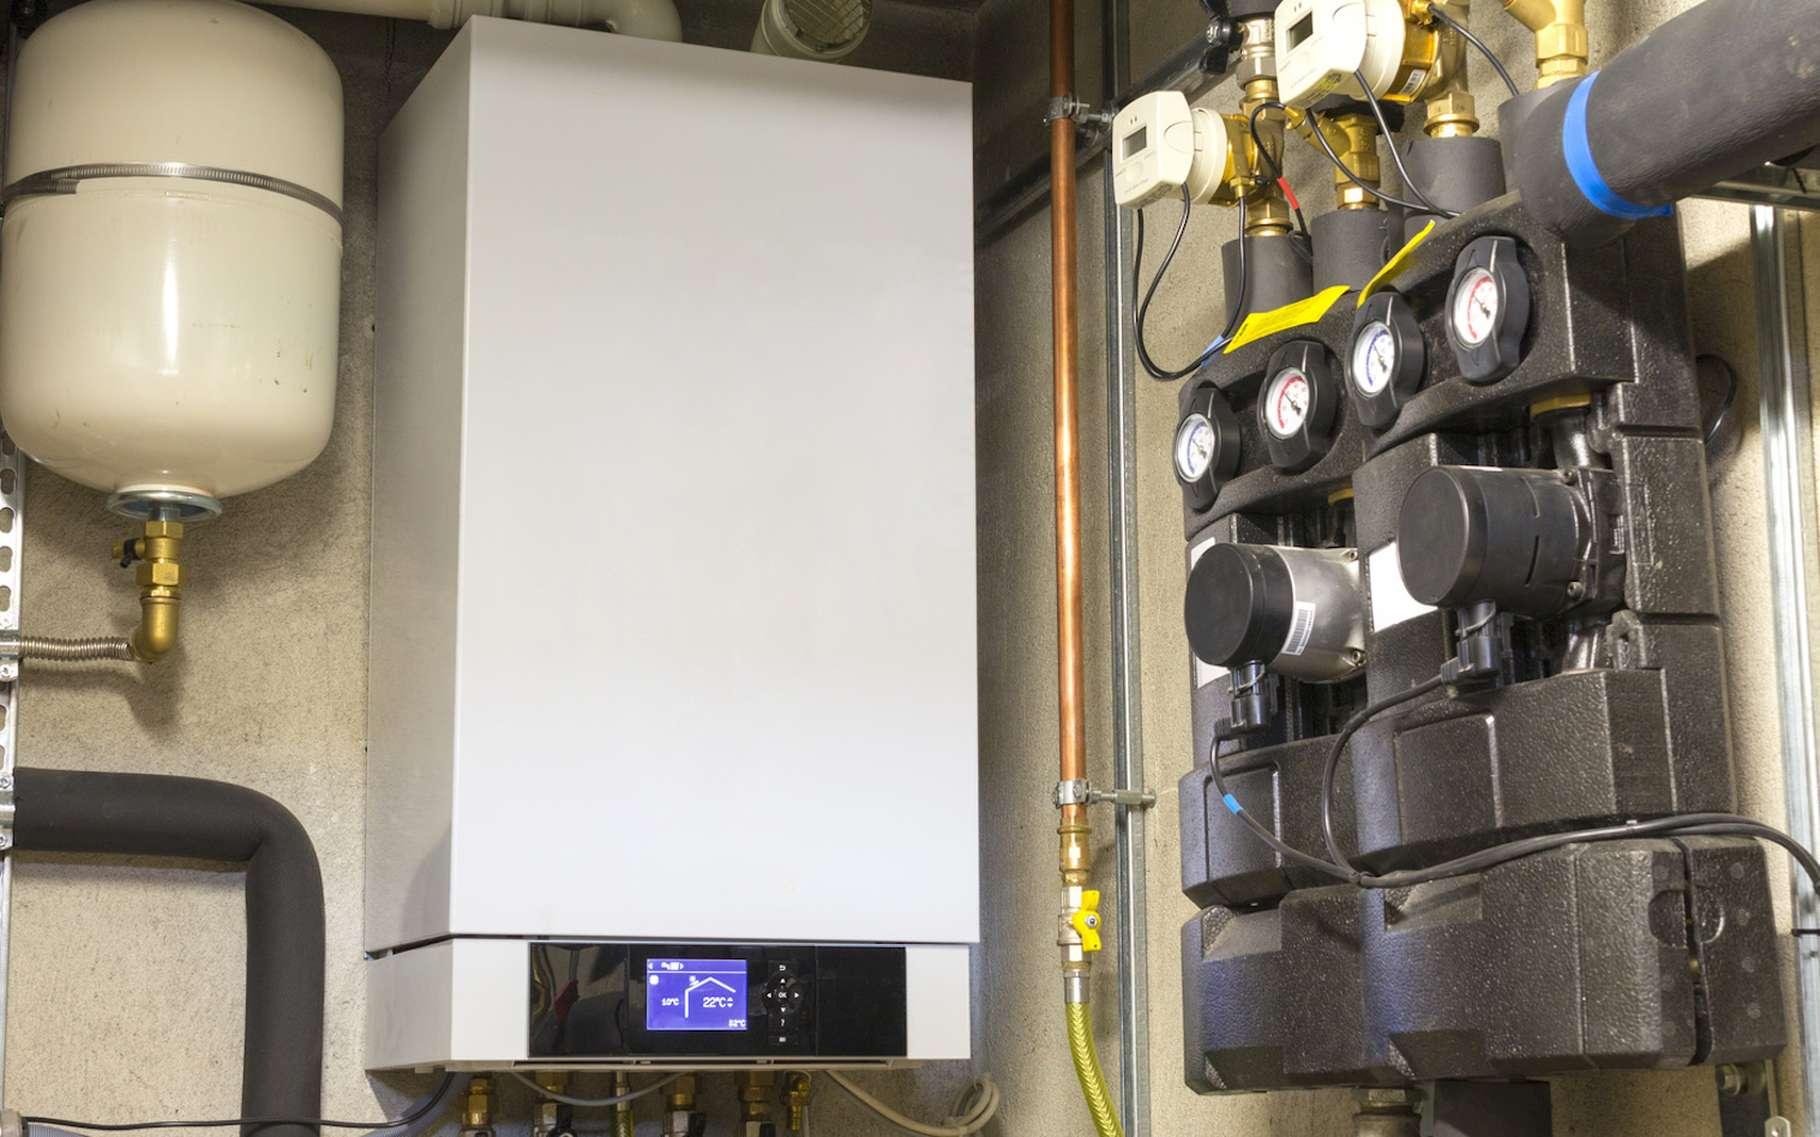 Une chaudière gaz à condensation est plus performante qu'une chaudière gaz classique. © matteogirelli, Fotolia